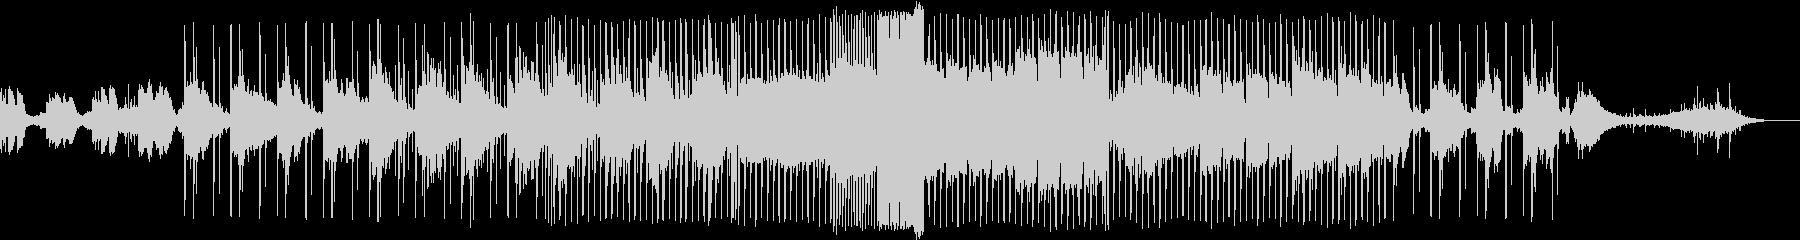 ダークでアップチューンなEDM風のBGMの未再生の波形